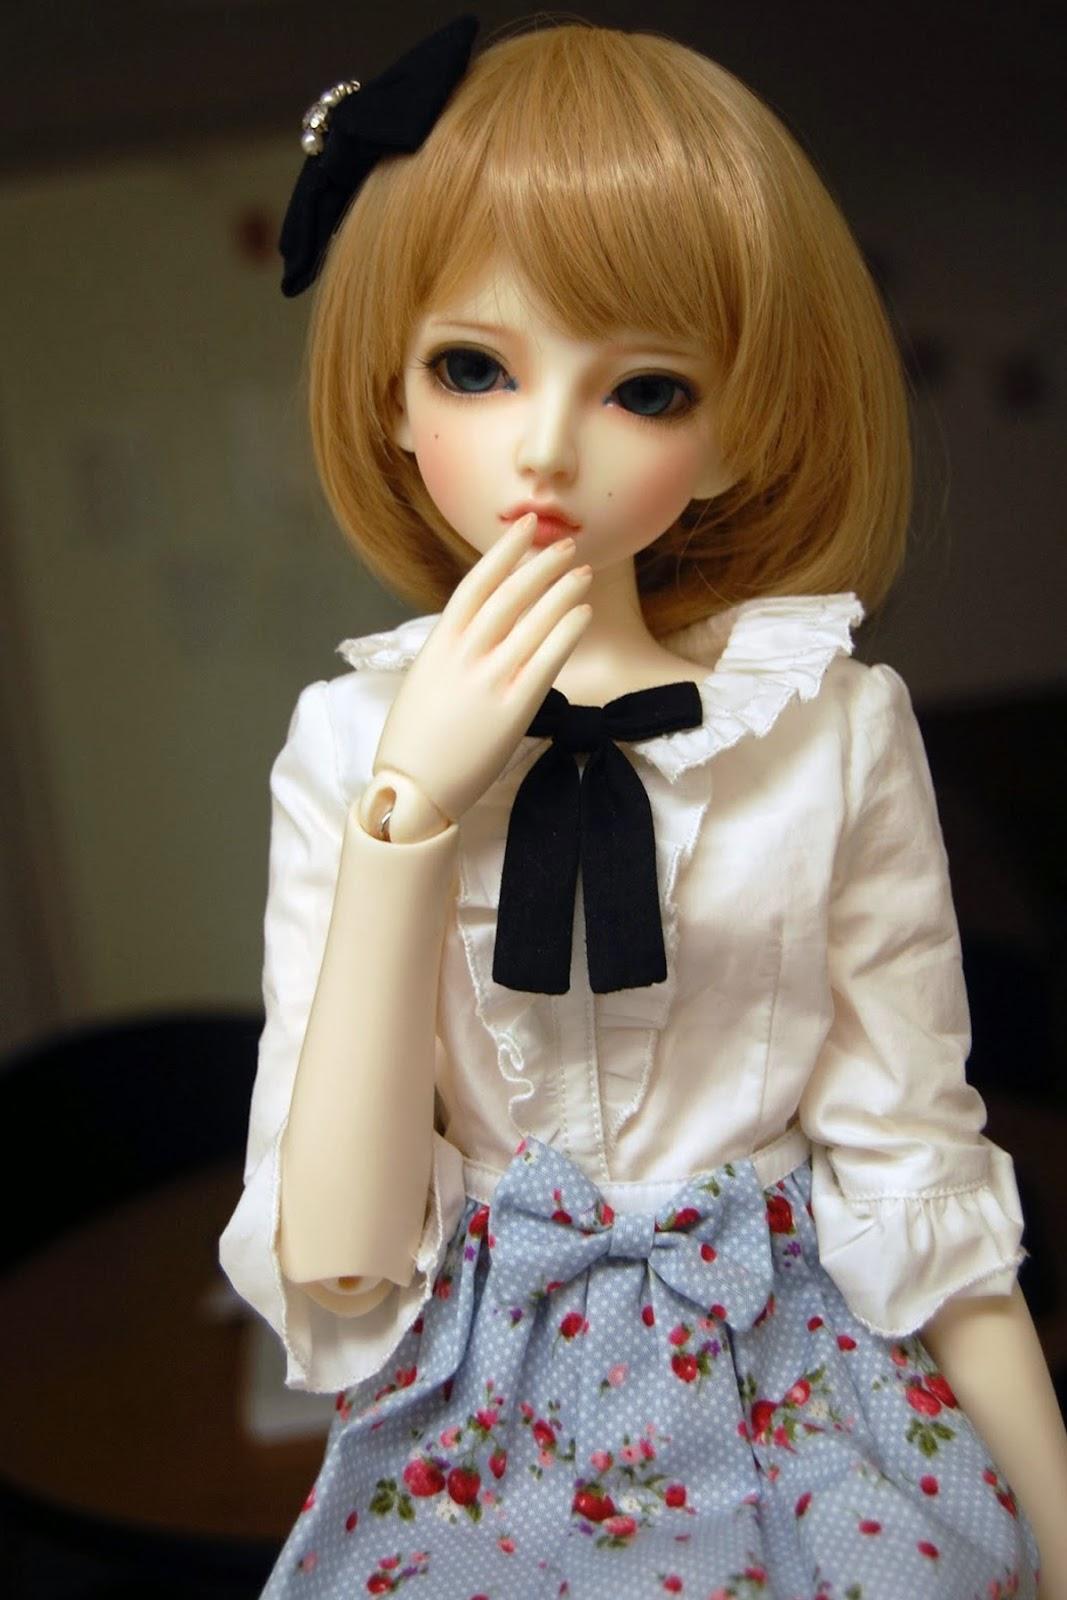 Cute dolls hd walllpapers - Pics cute dolls ...